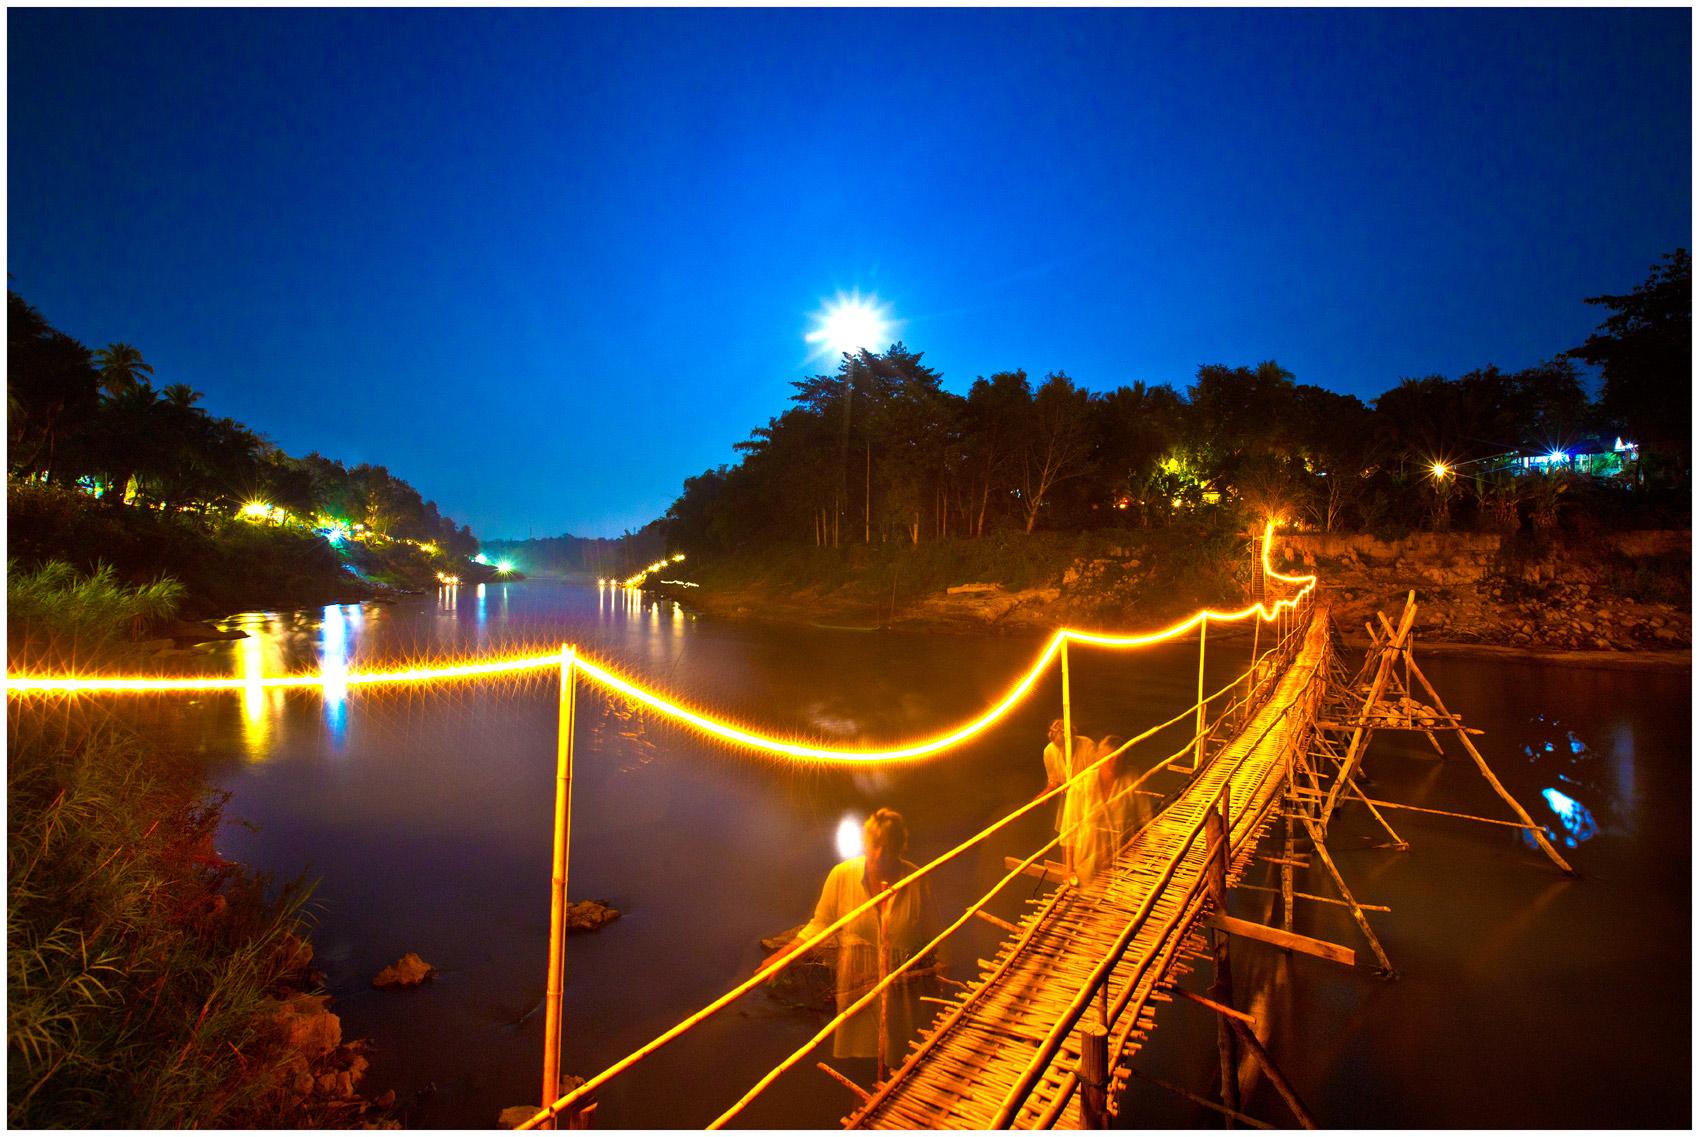 Mekong-&-I-w